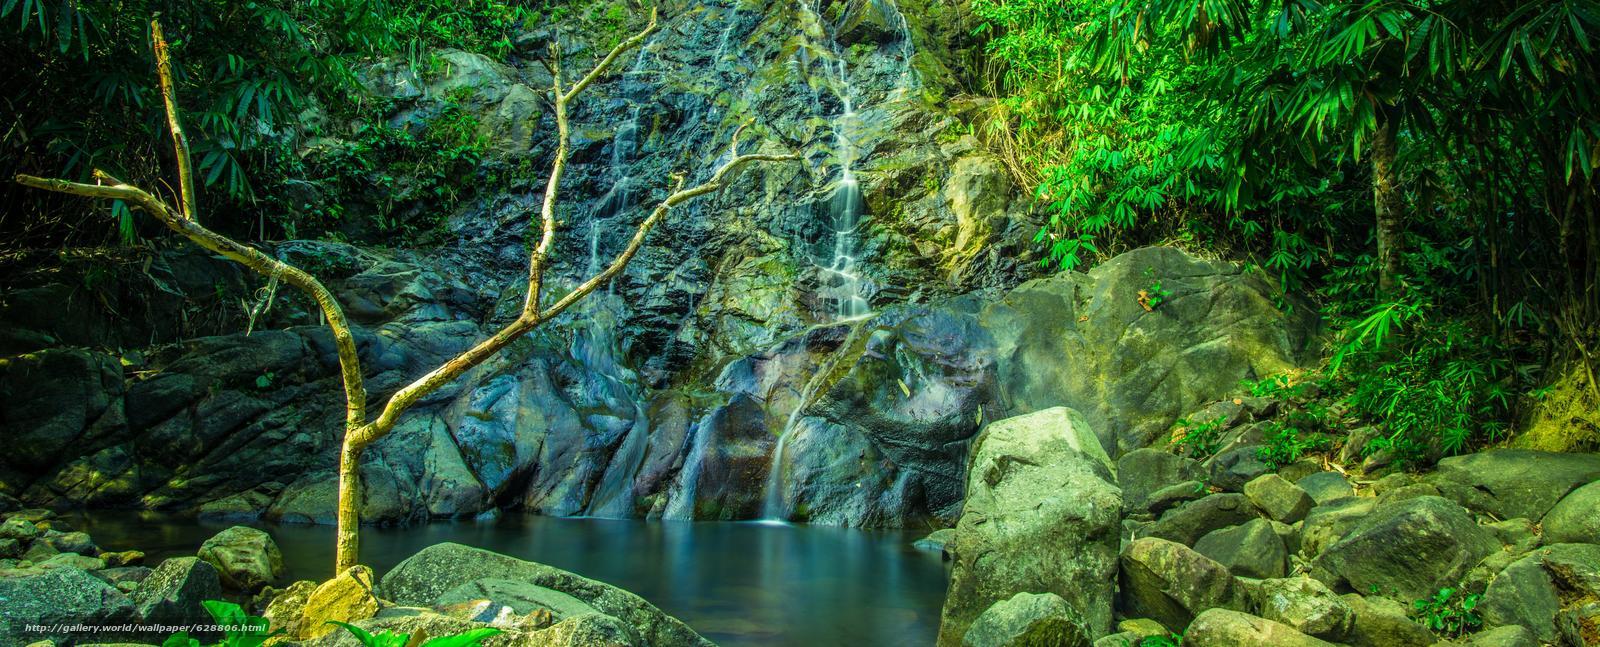 водопад, водоём, камни, деревья, скалы, природа